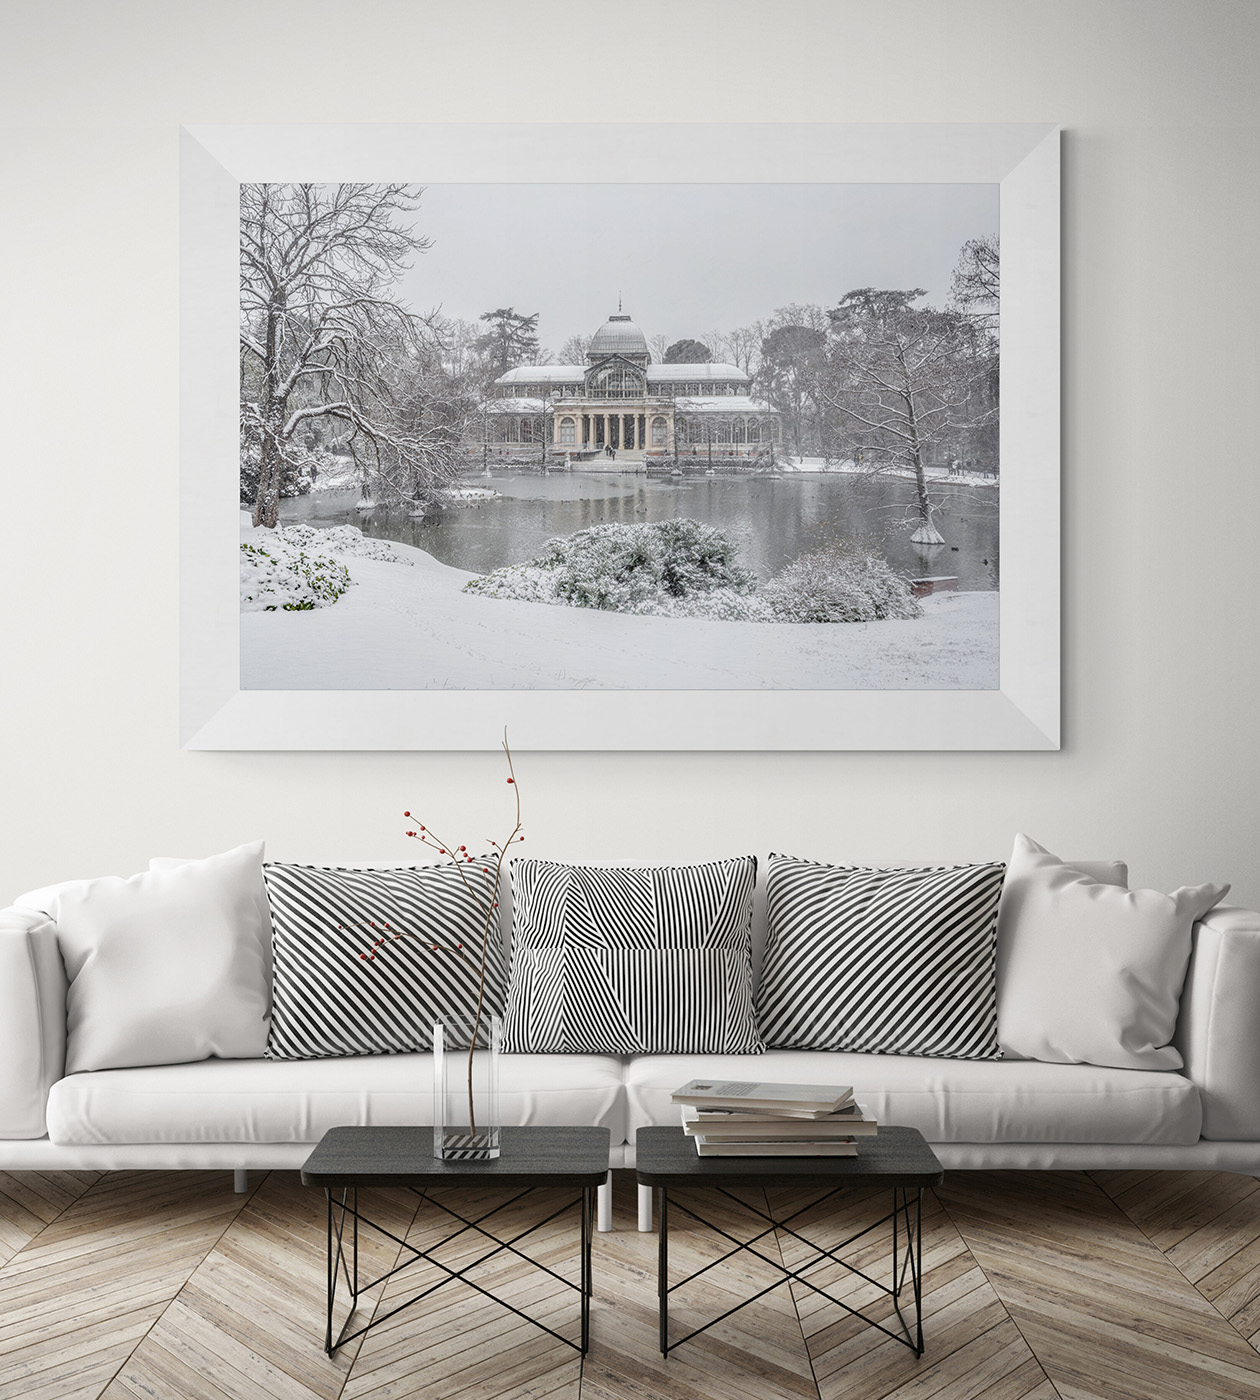 Filomena. Madrid Nevado. Palacio de Cristal en el Parque del Retiro por el fotógrafo Adolfo Gosálvez. Venta de Fotografía de autor en edición limitada. AG Shop